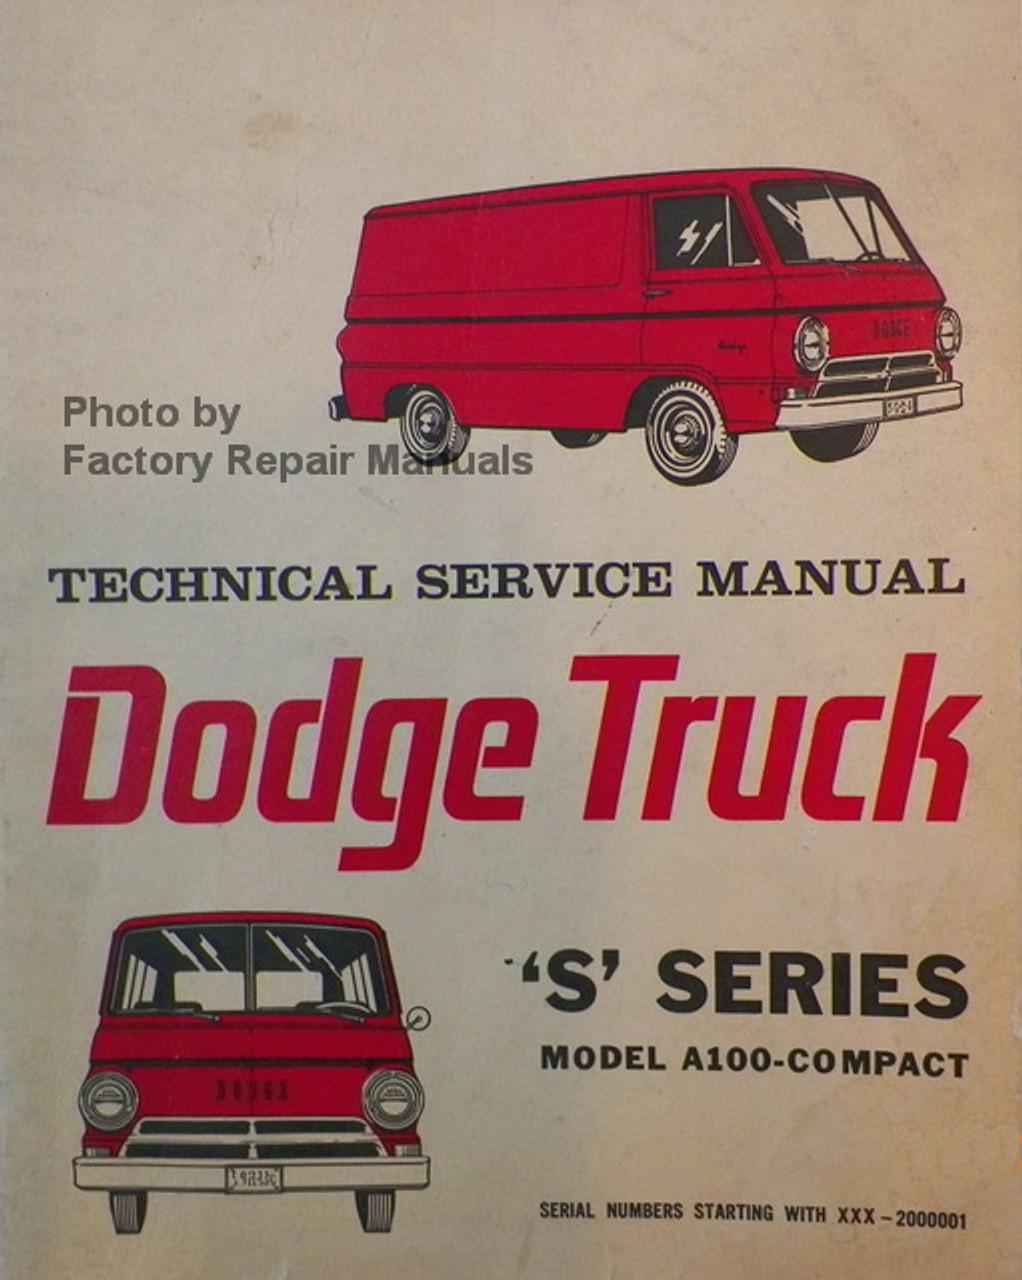 A Dodge Van Wiring Diagram on